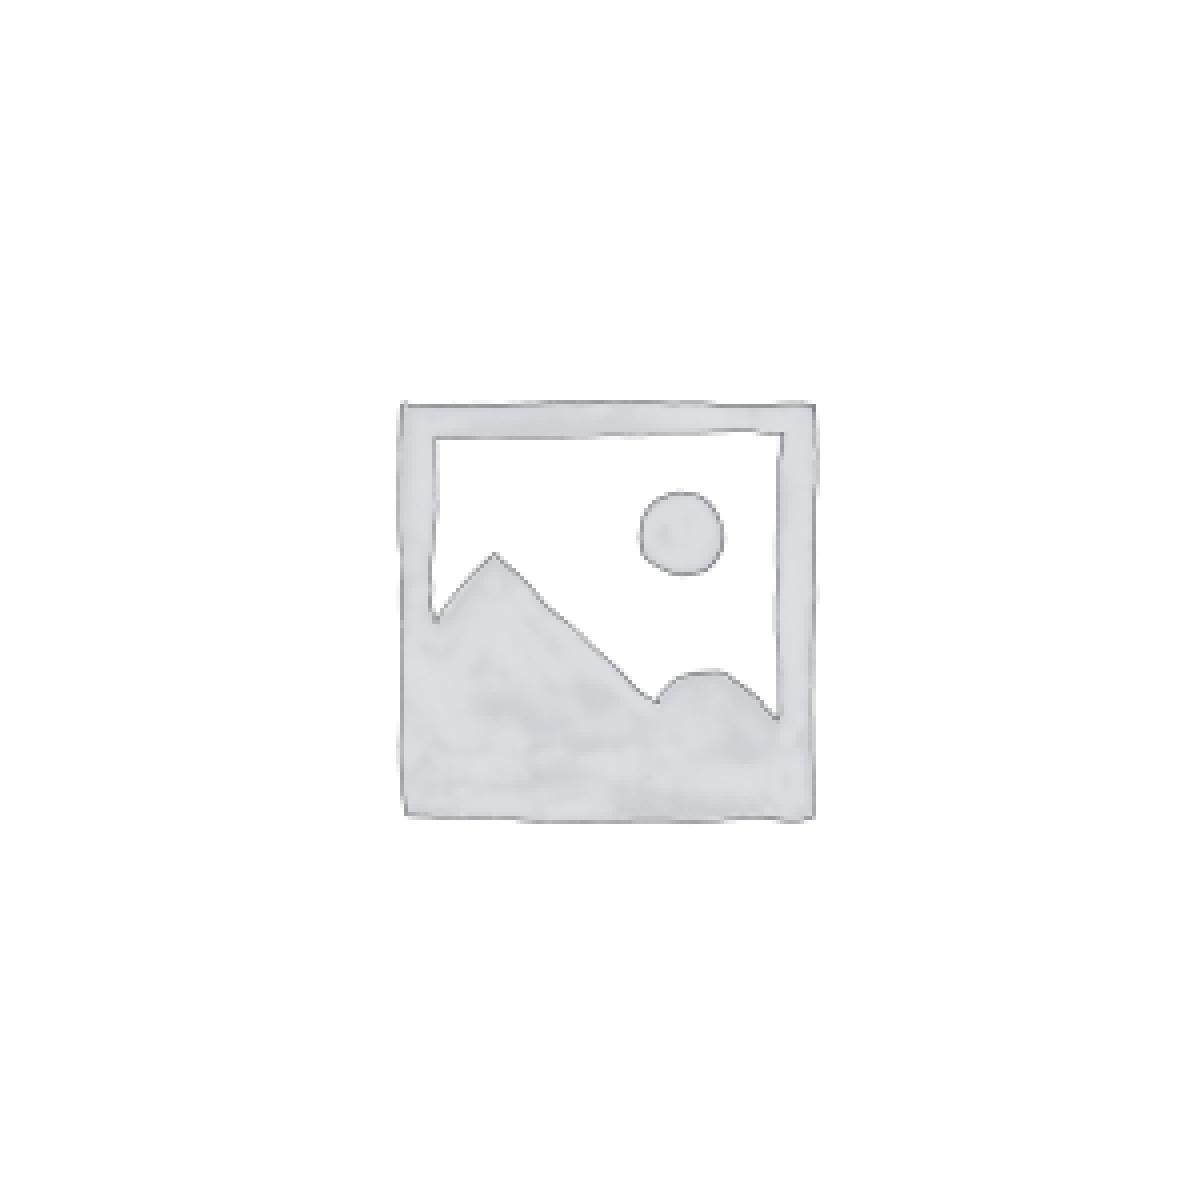 ใบตัดสแตนเลส NKK 5นิ้ว หนา 2 มม.